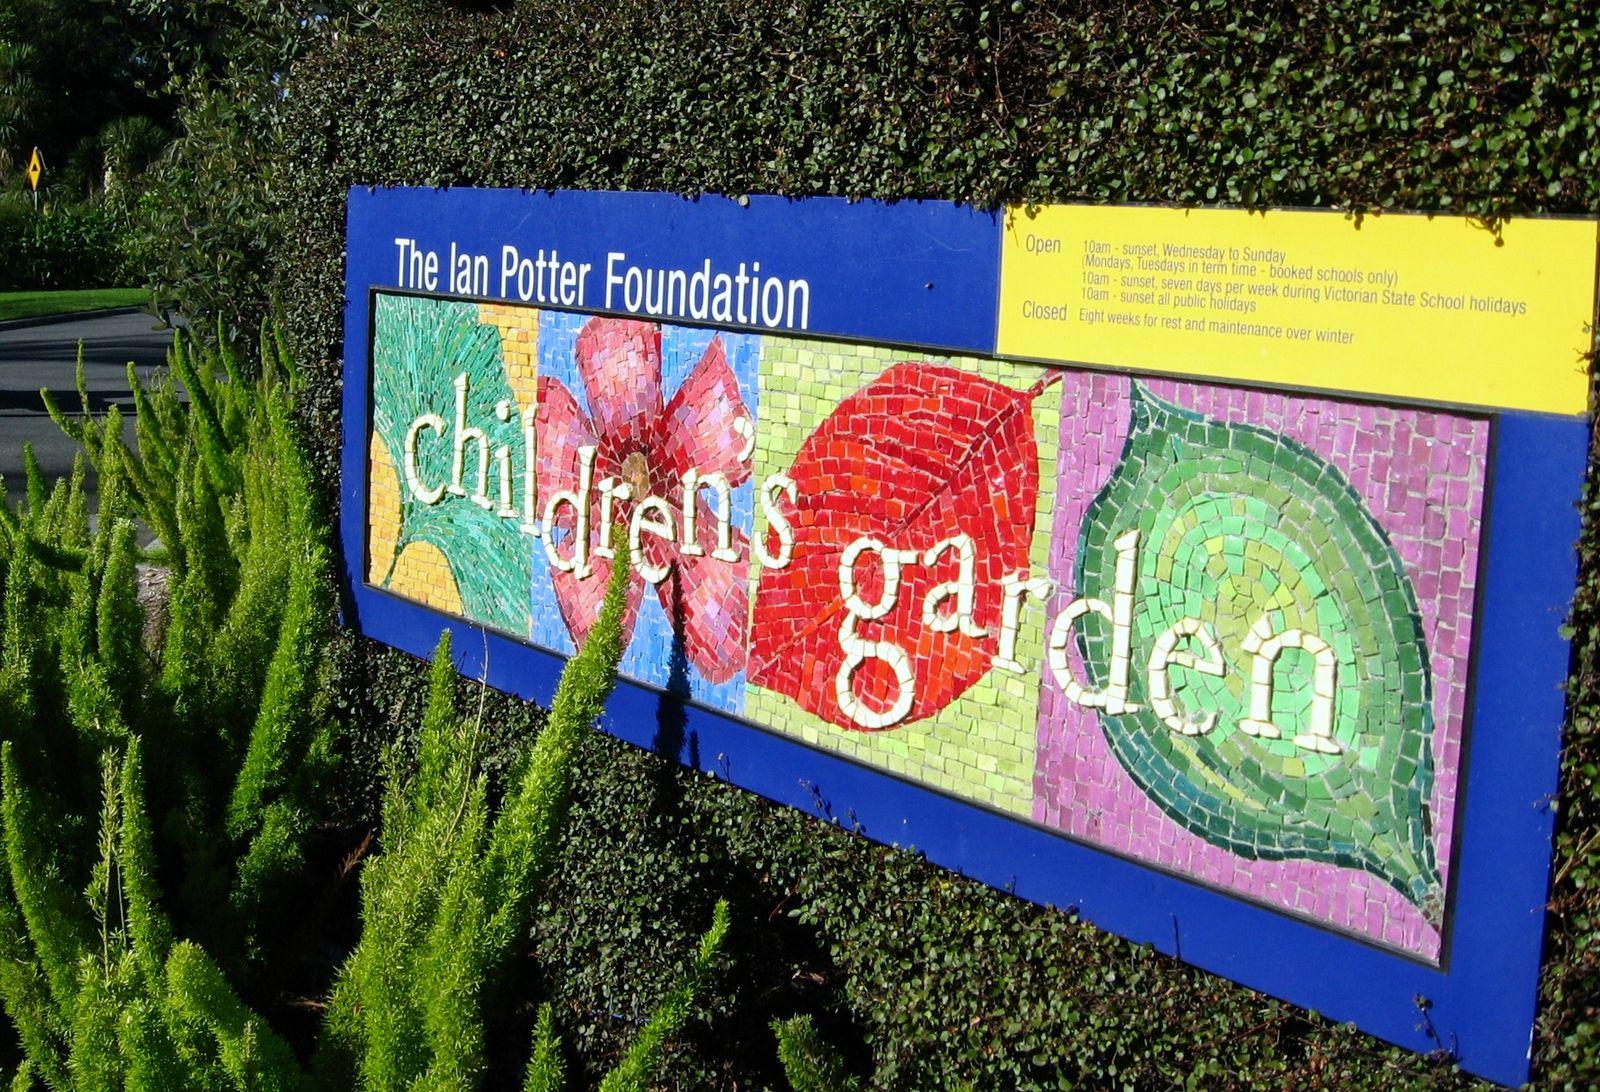 simple simon says melbourne royal botanic garden